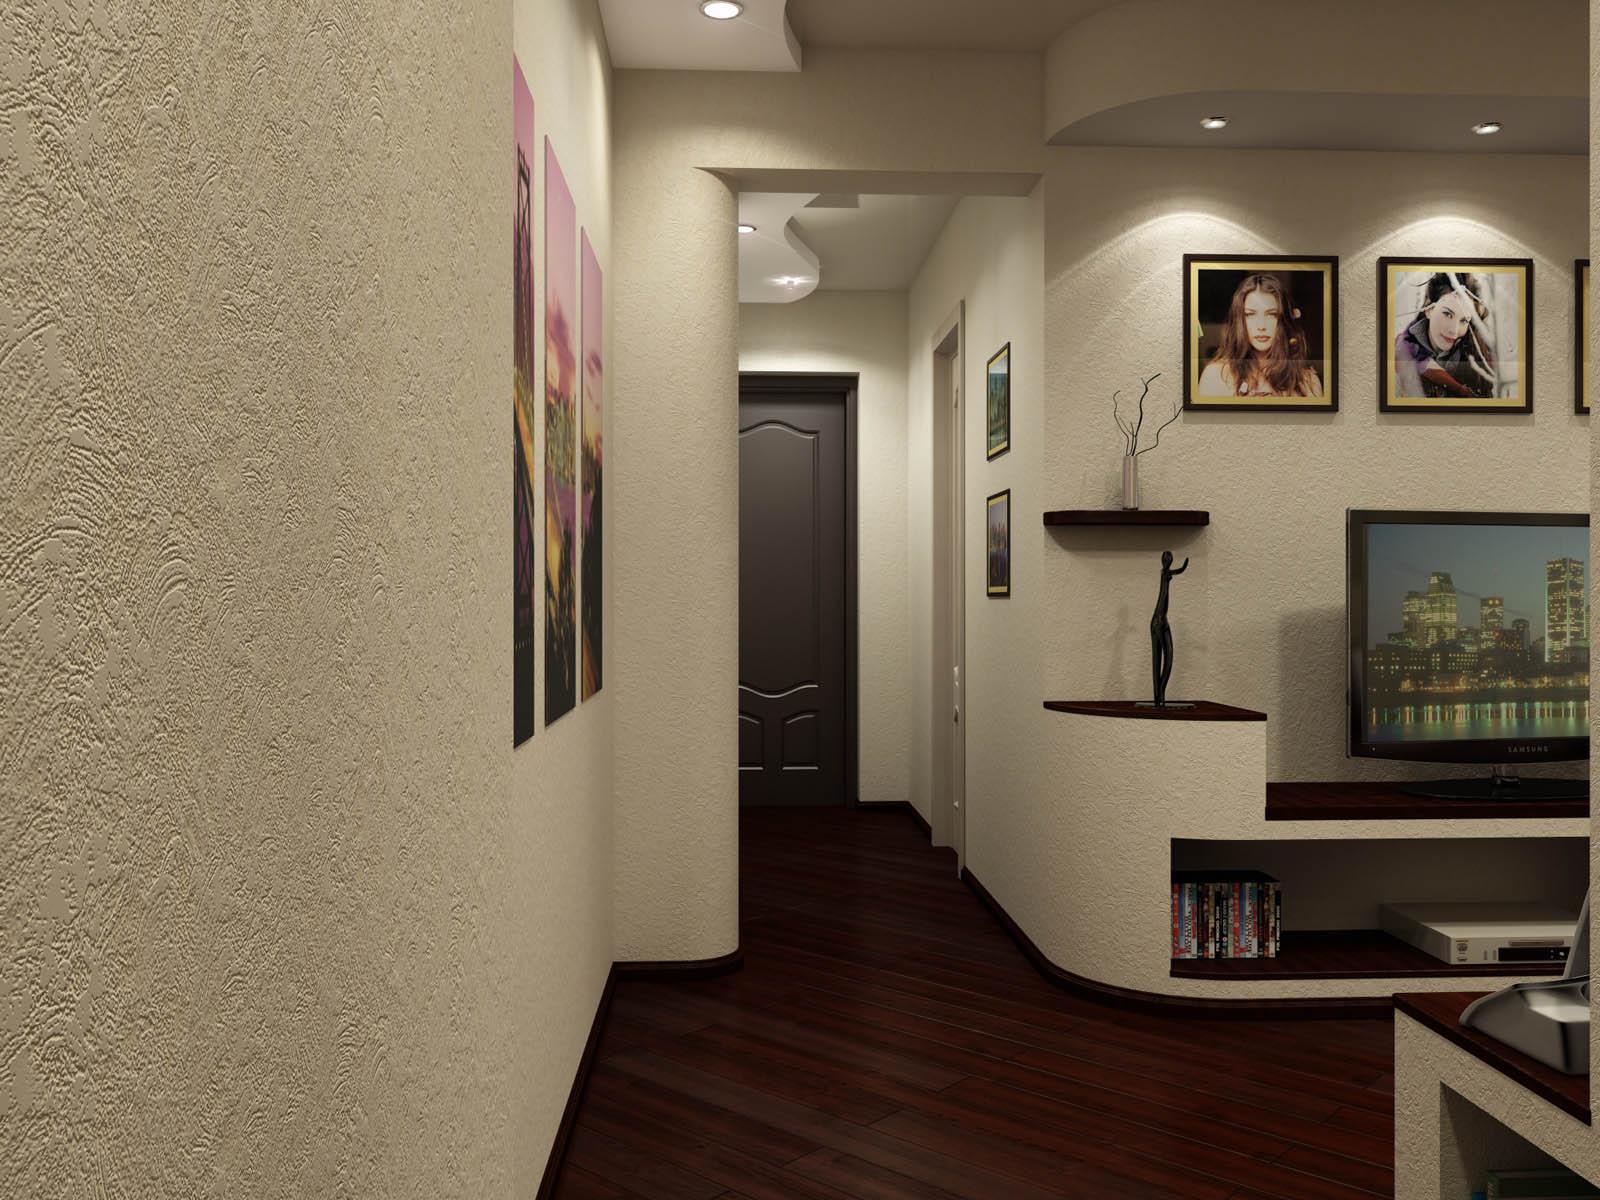 Декоративная штукатурка в коридоре квартиры